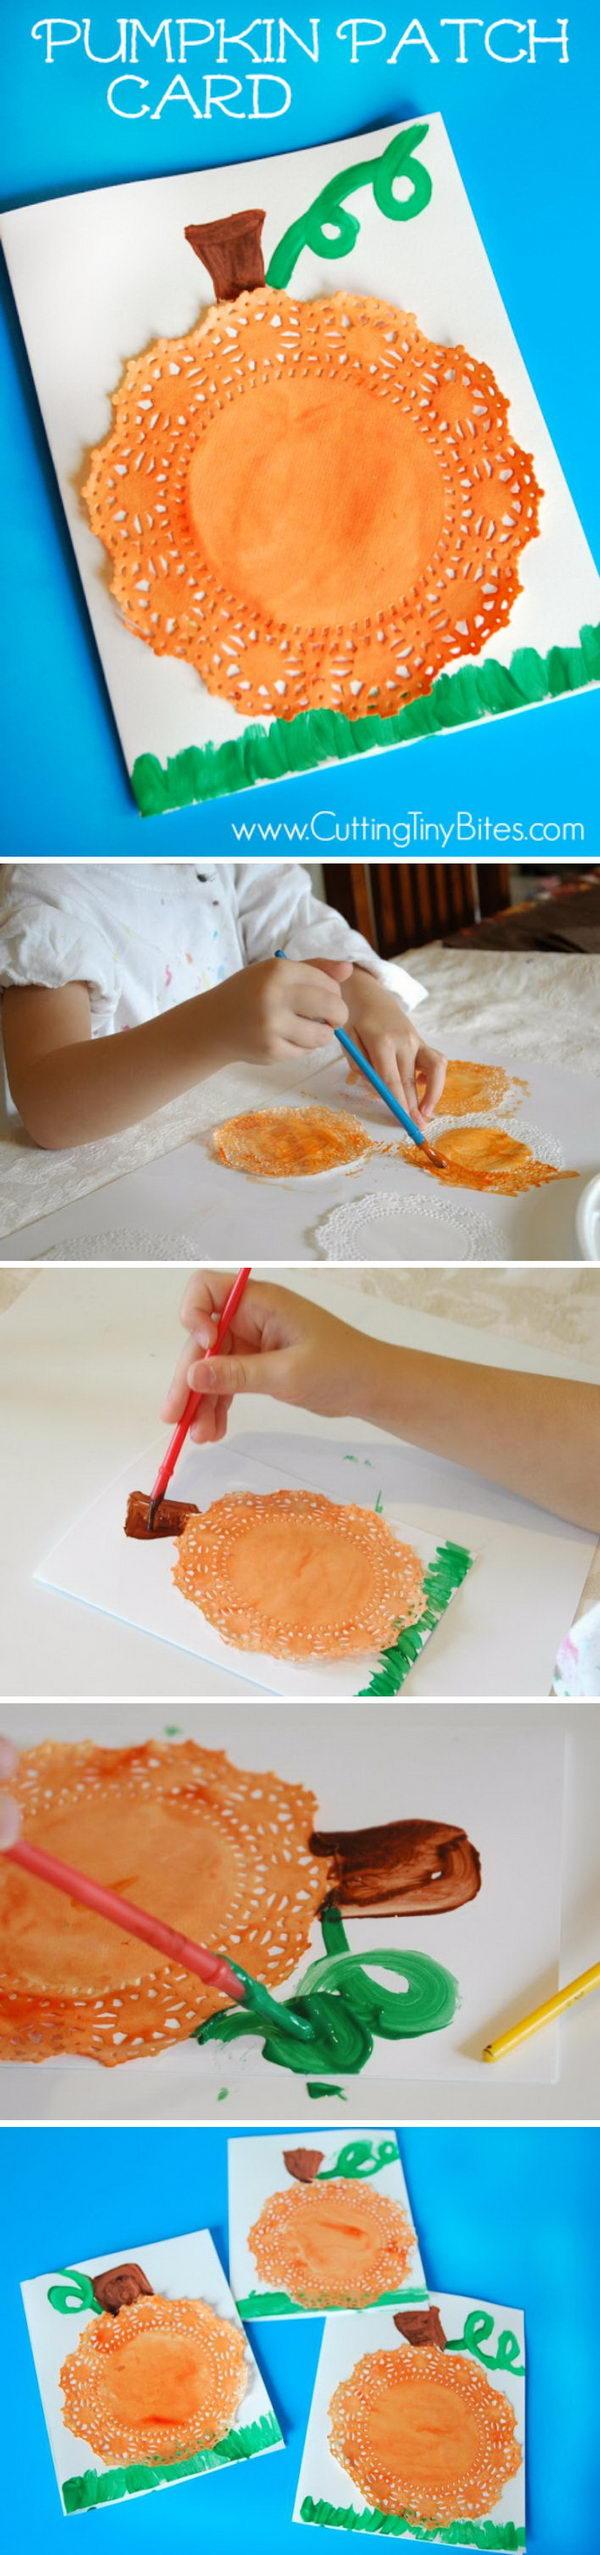 Pumpkin Patch Cards.